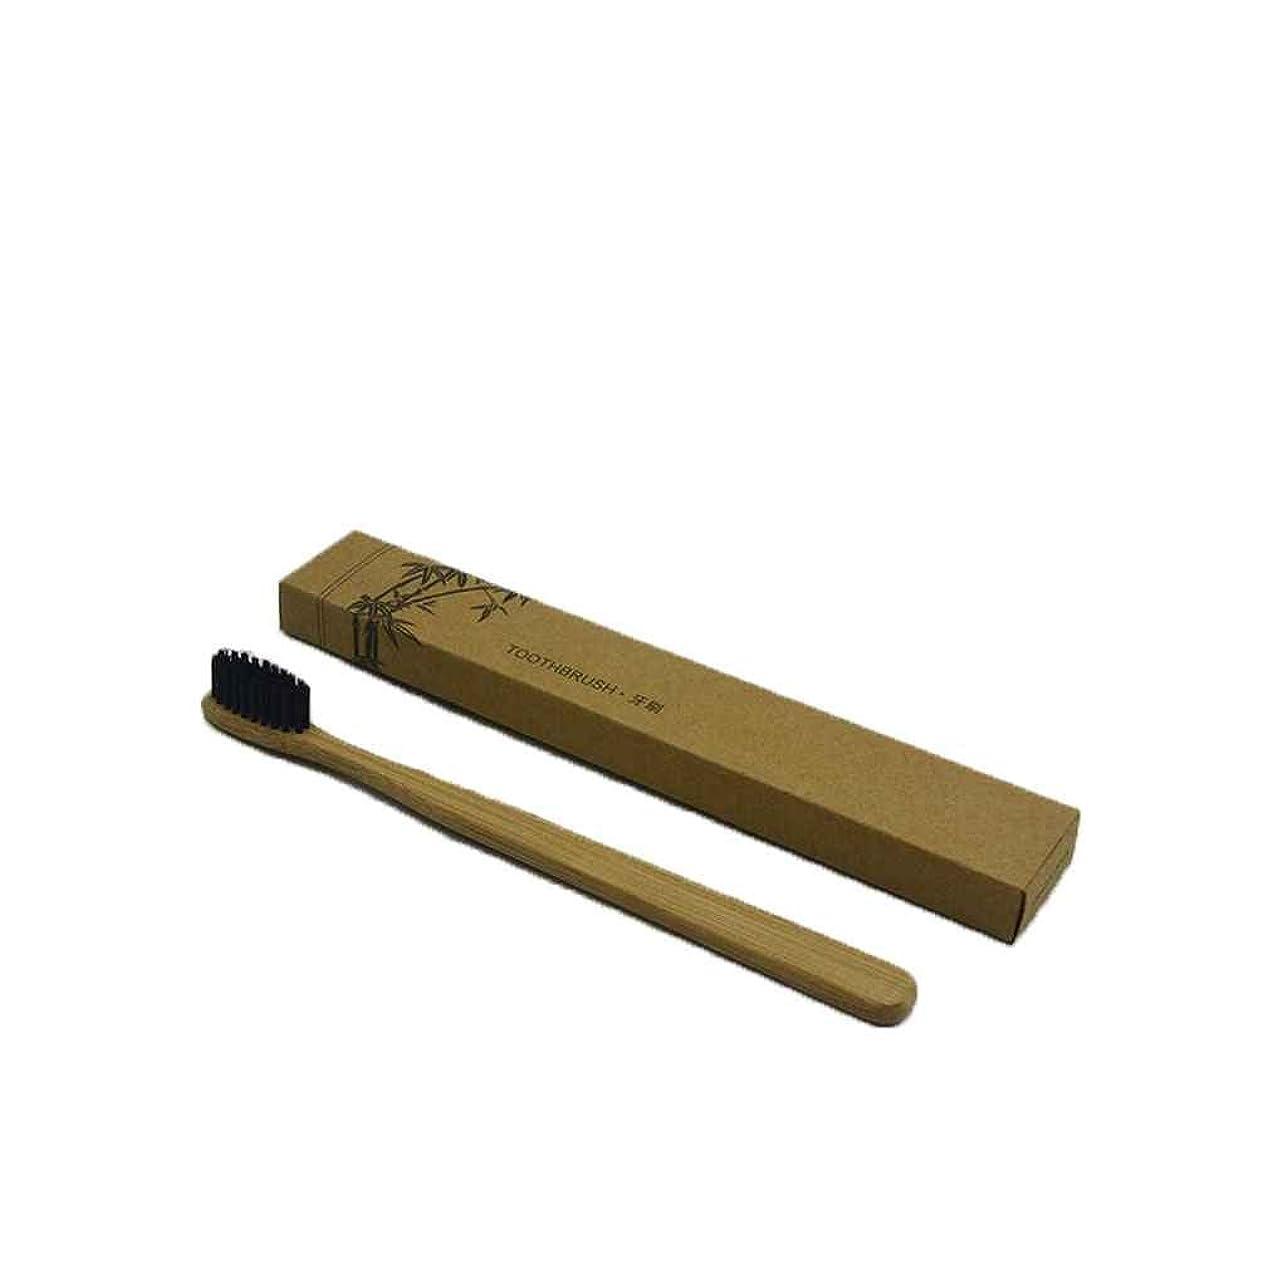 規制地理生きるuzinby 竹歯ブラシ 低炭生活 天然木 親水性 歯ブラシ 自然竹ハンドル 分解性 歯ブラシ 環境保護材料